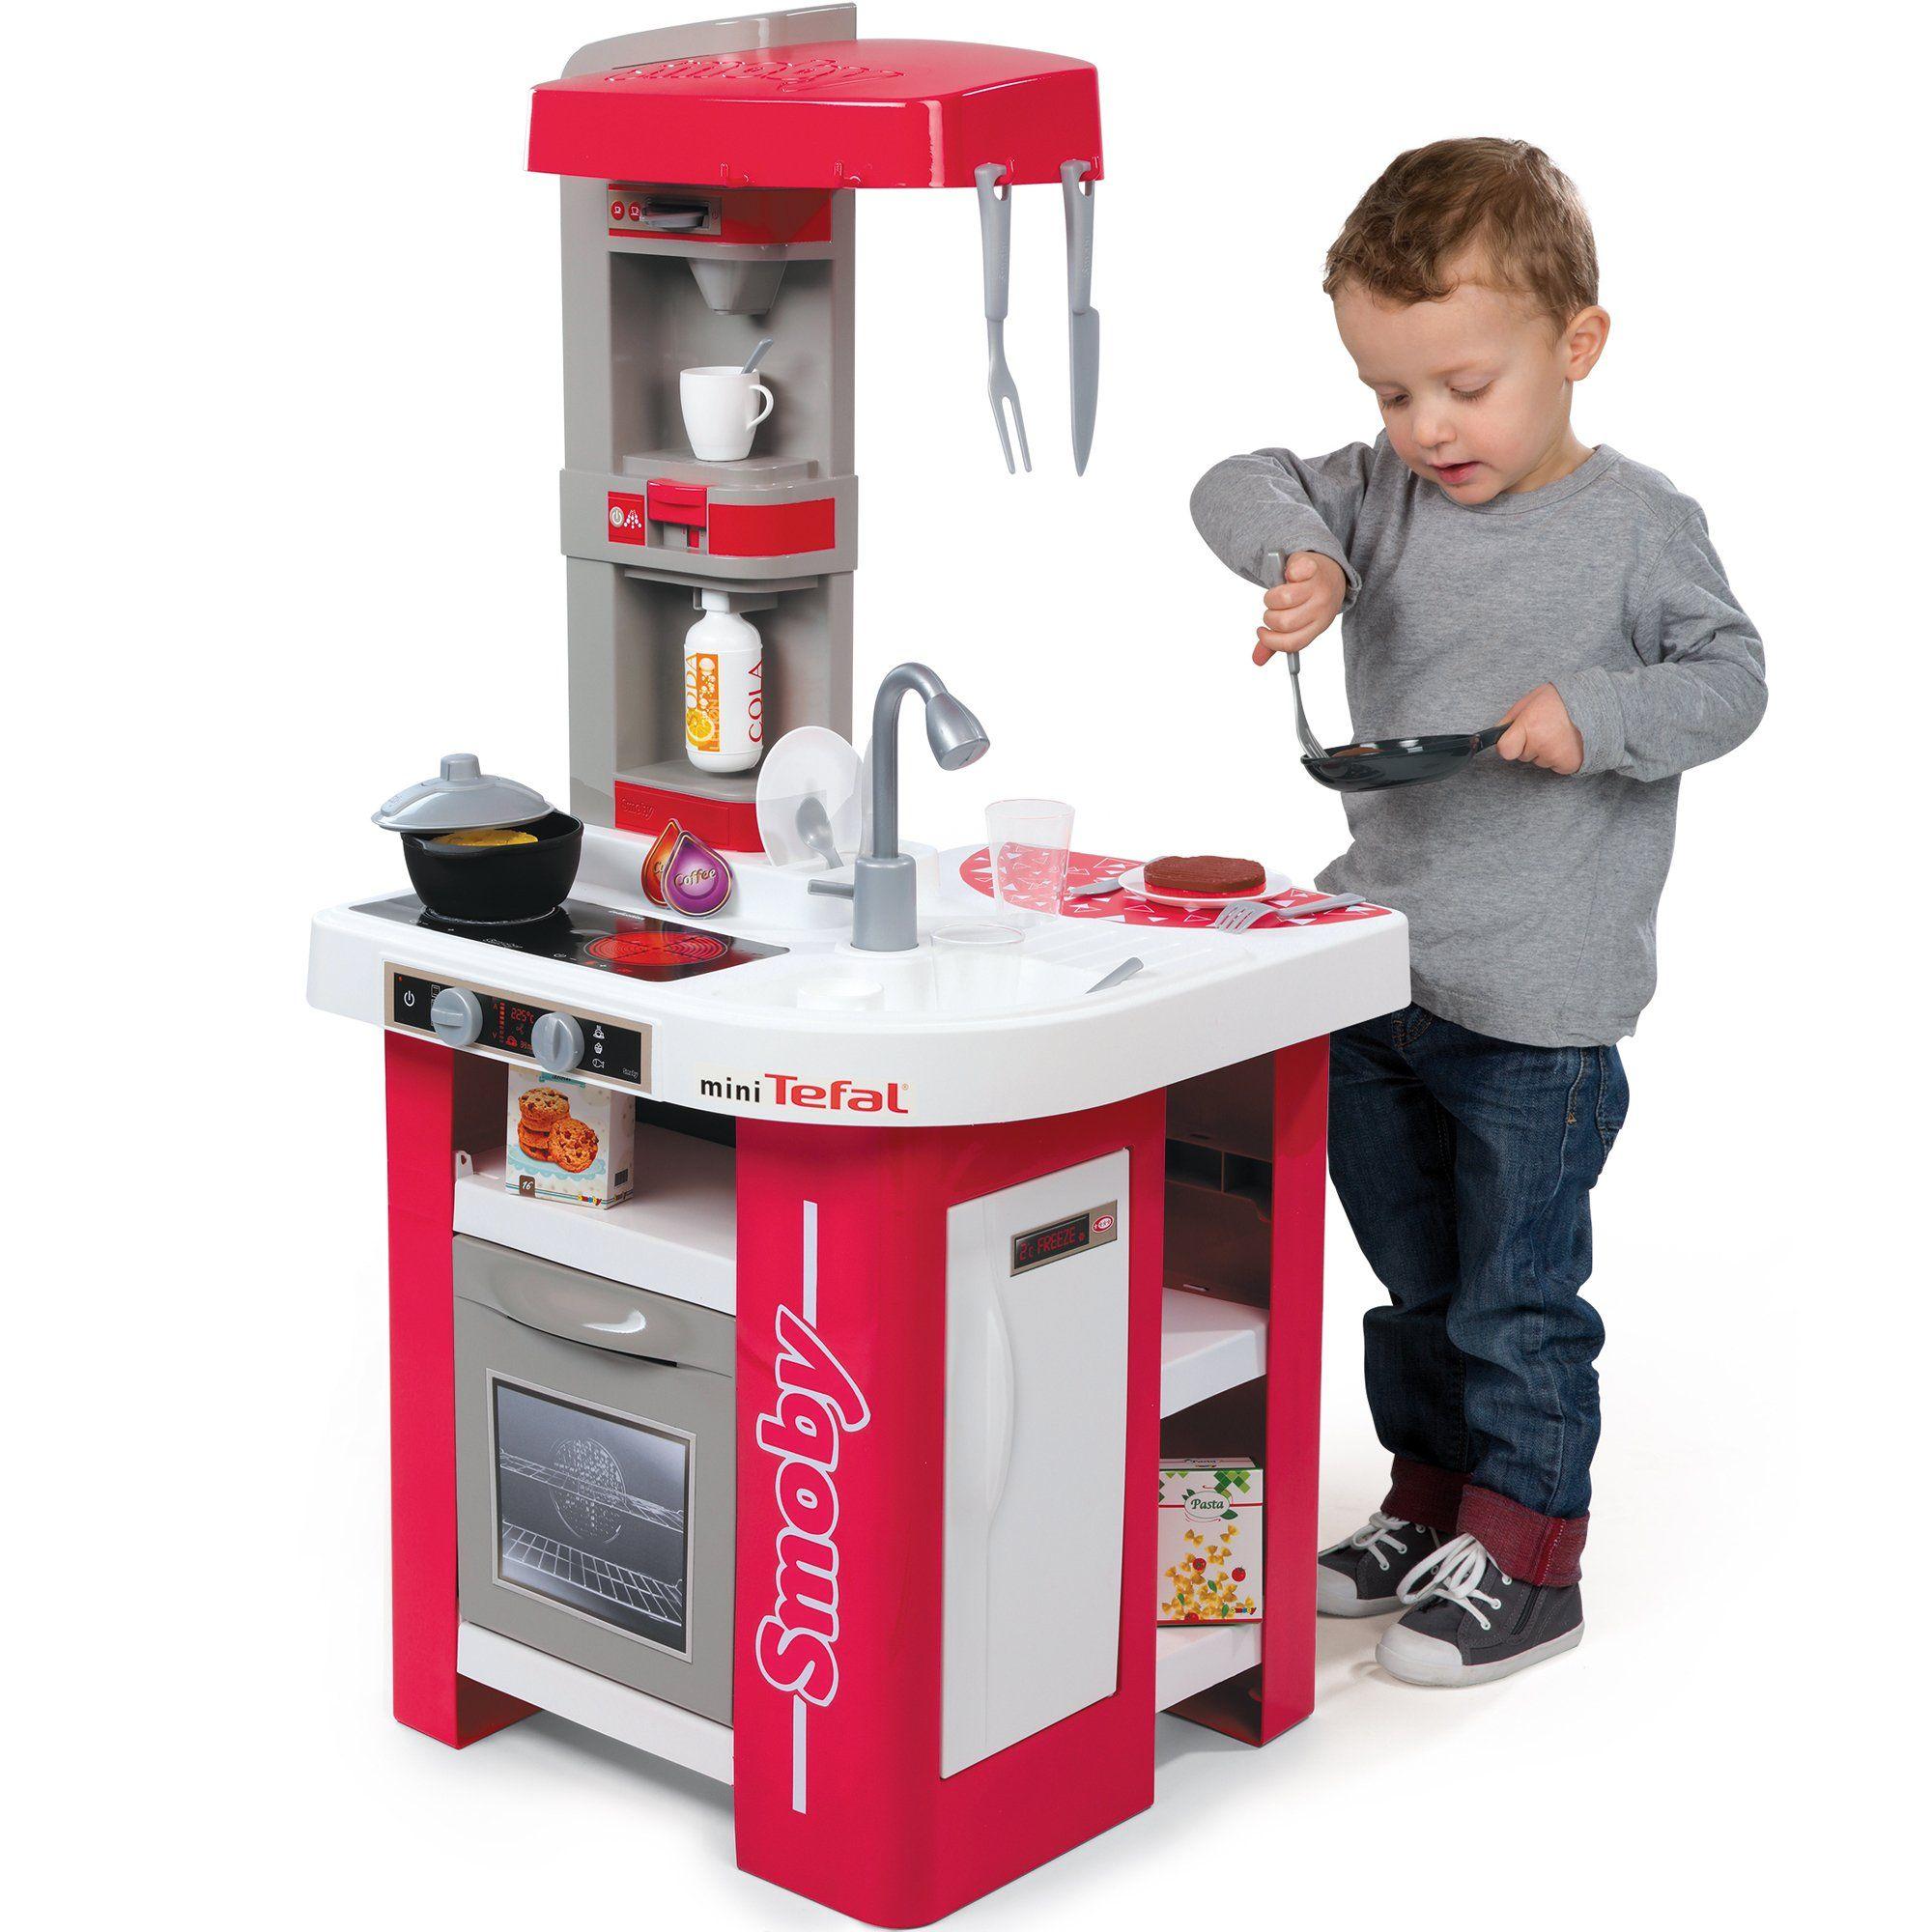 Smoby Kuchnia Elektroniczna Tefal Studio Patelnia Magiczny Garnek Brykacze Pl Internetowy Sklep Z Zabawkami Dla Dzieci Tefal Kitchen Cart Kitchen Appliances